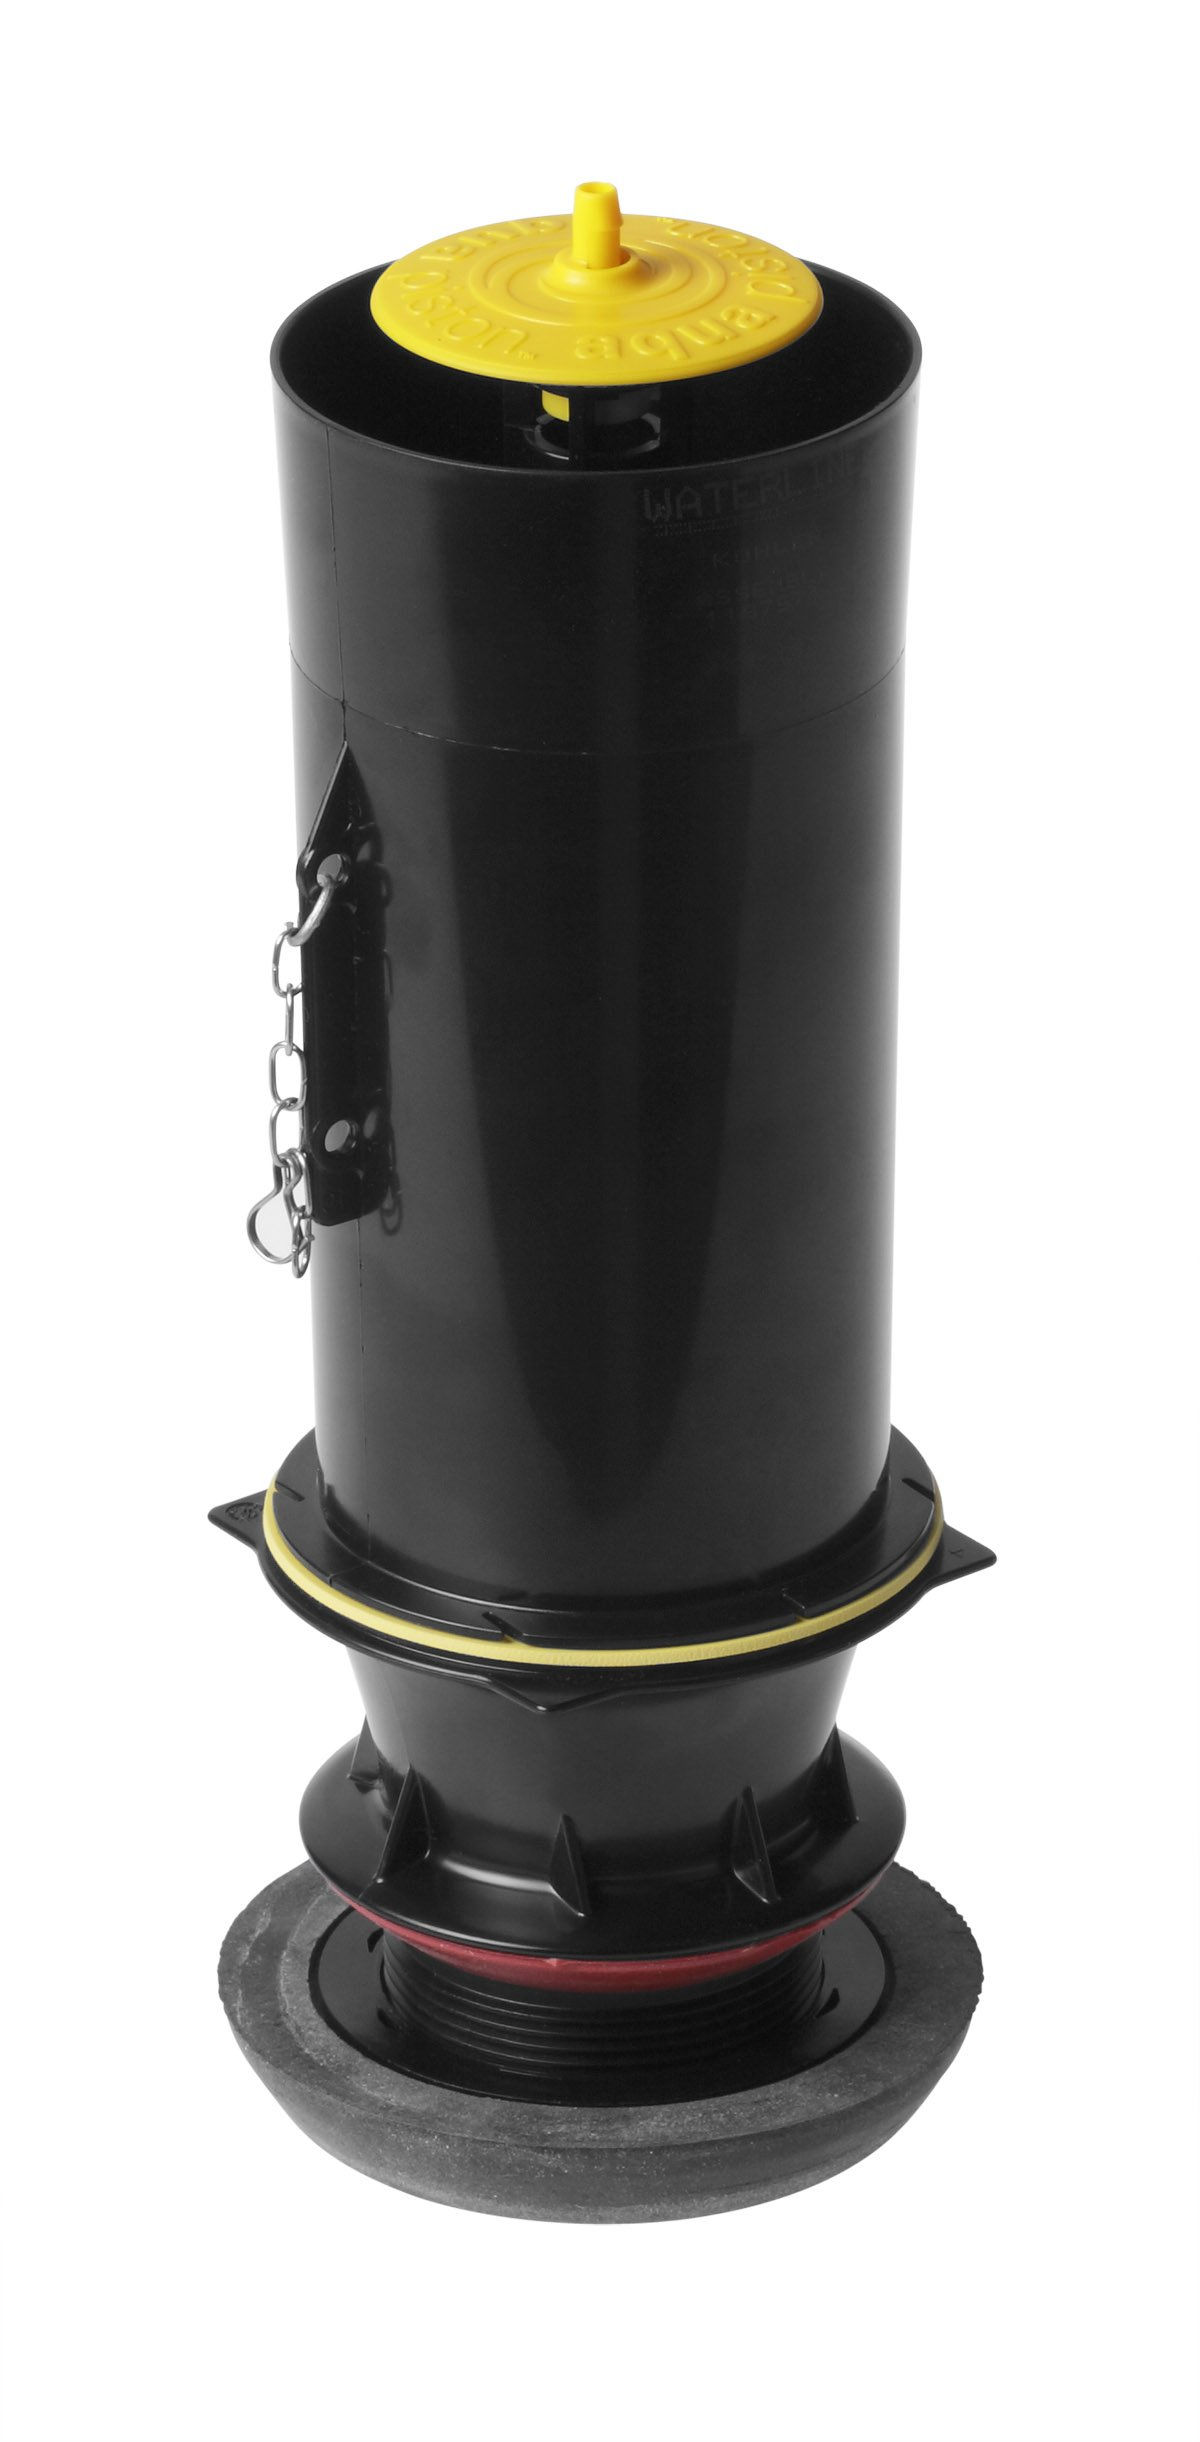 KOHLER K-1188998 Flush Valve Kit by Kohler